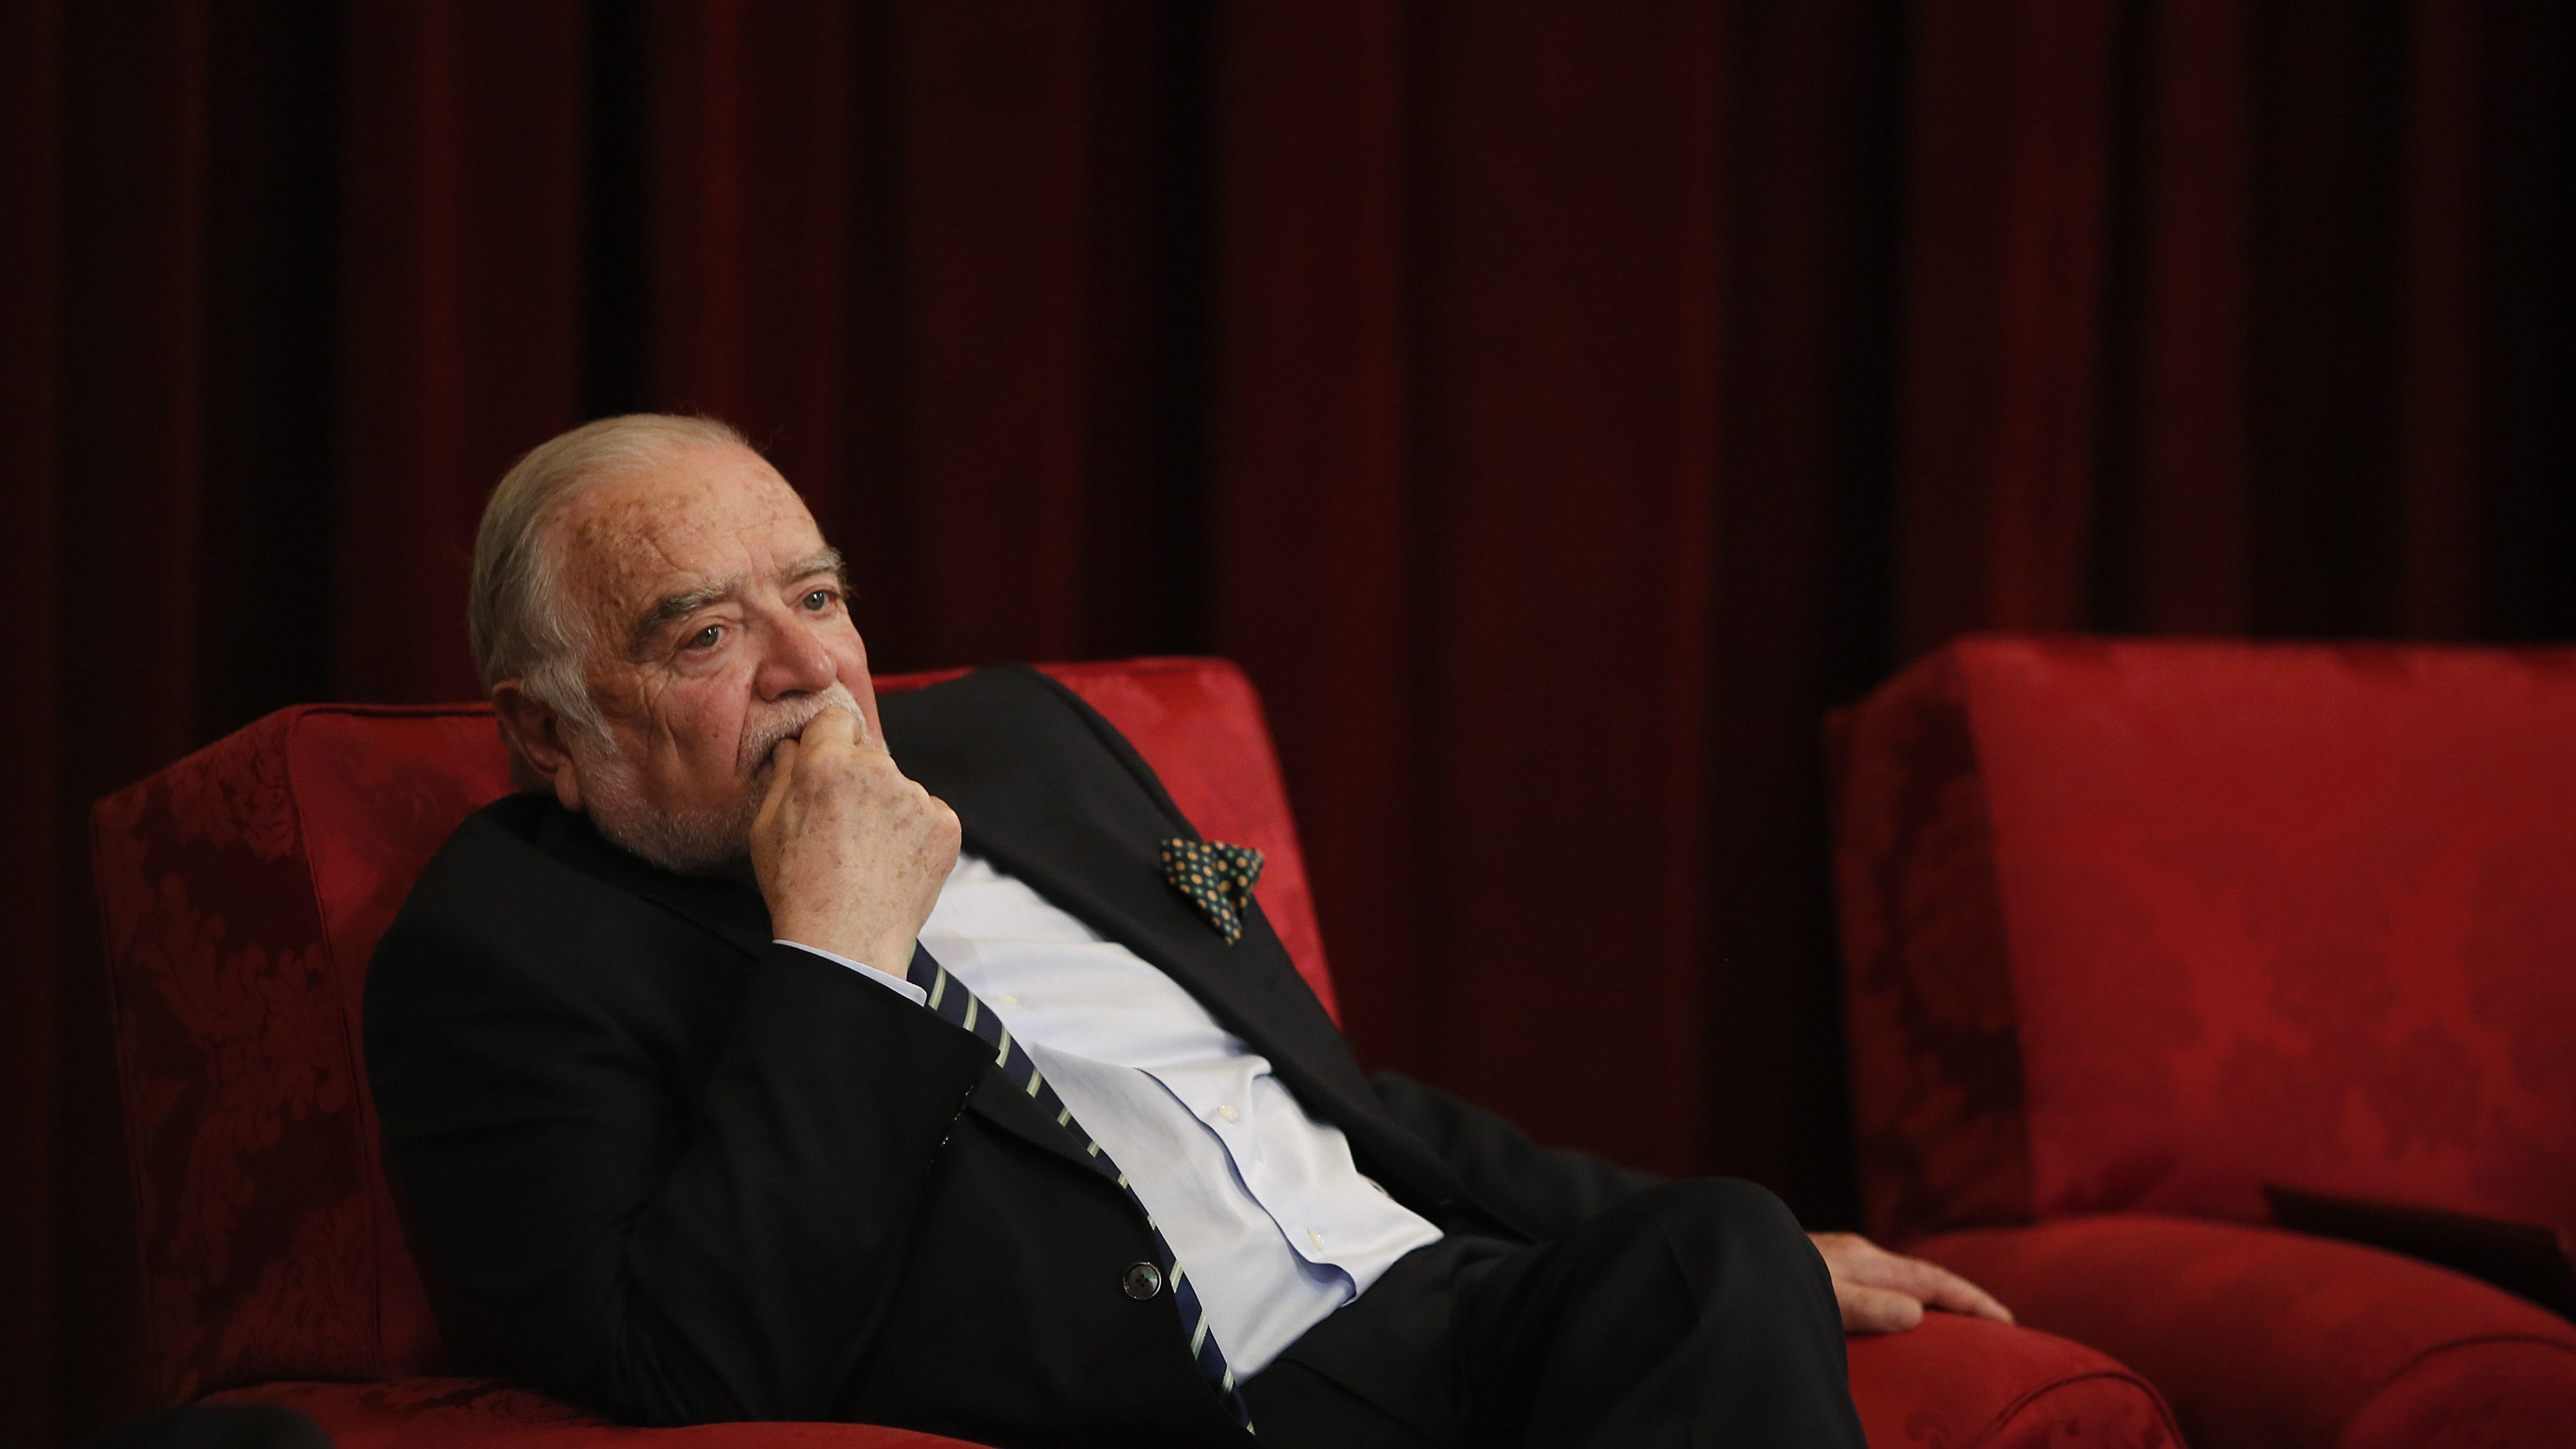 Manuel Alegre adverte que viragem à direita representaria risco de morte para o PS